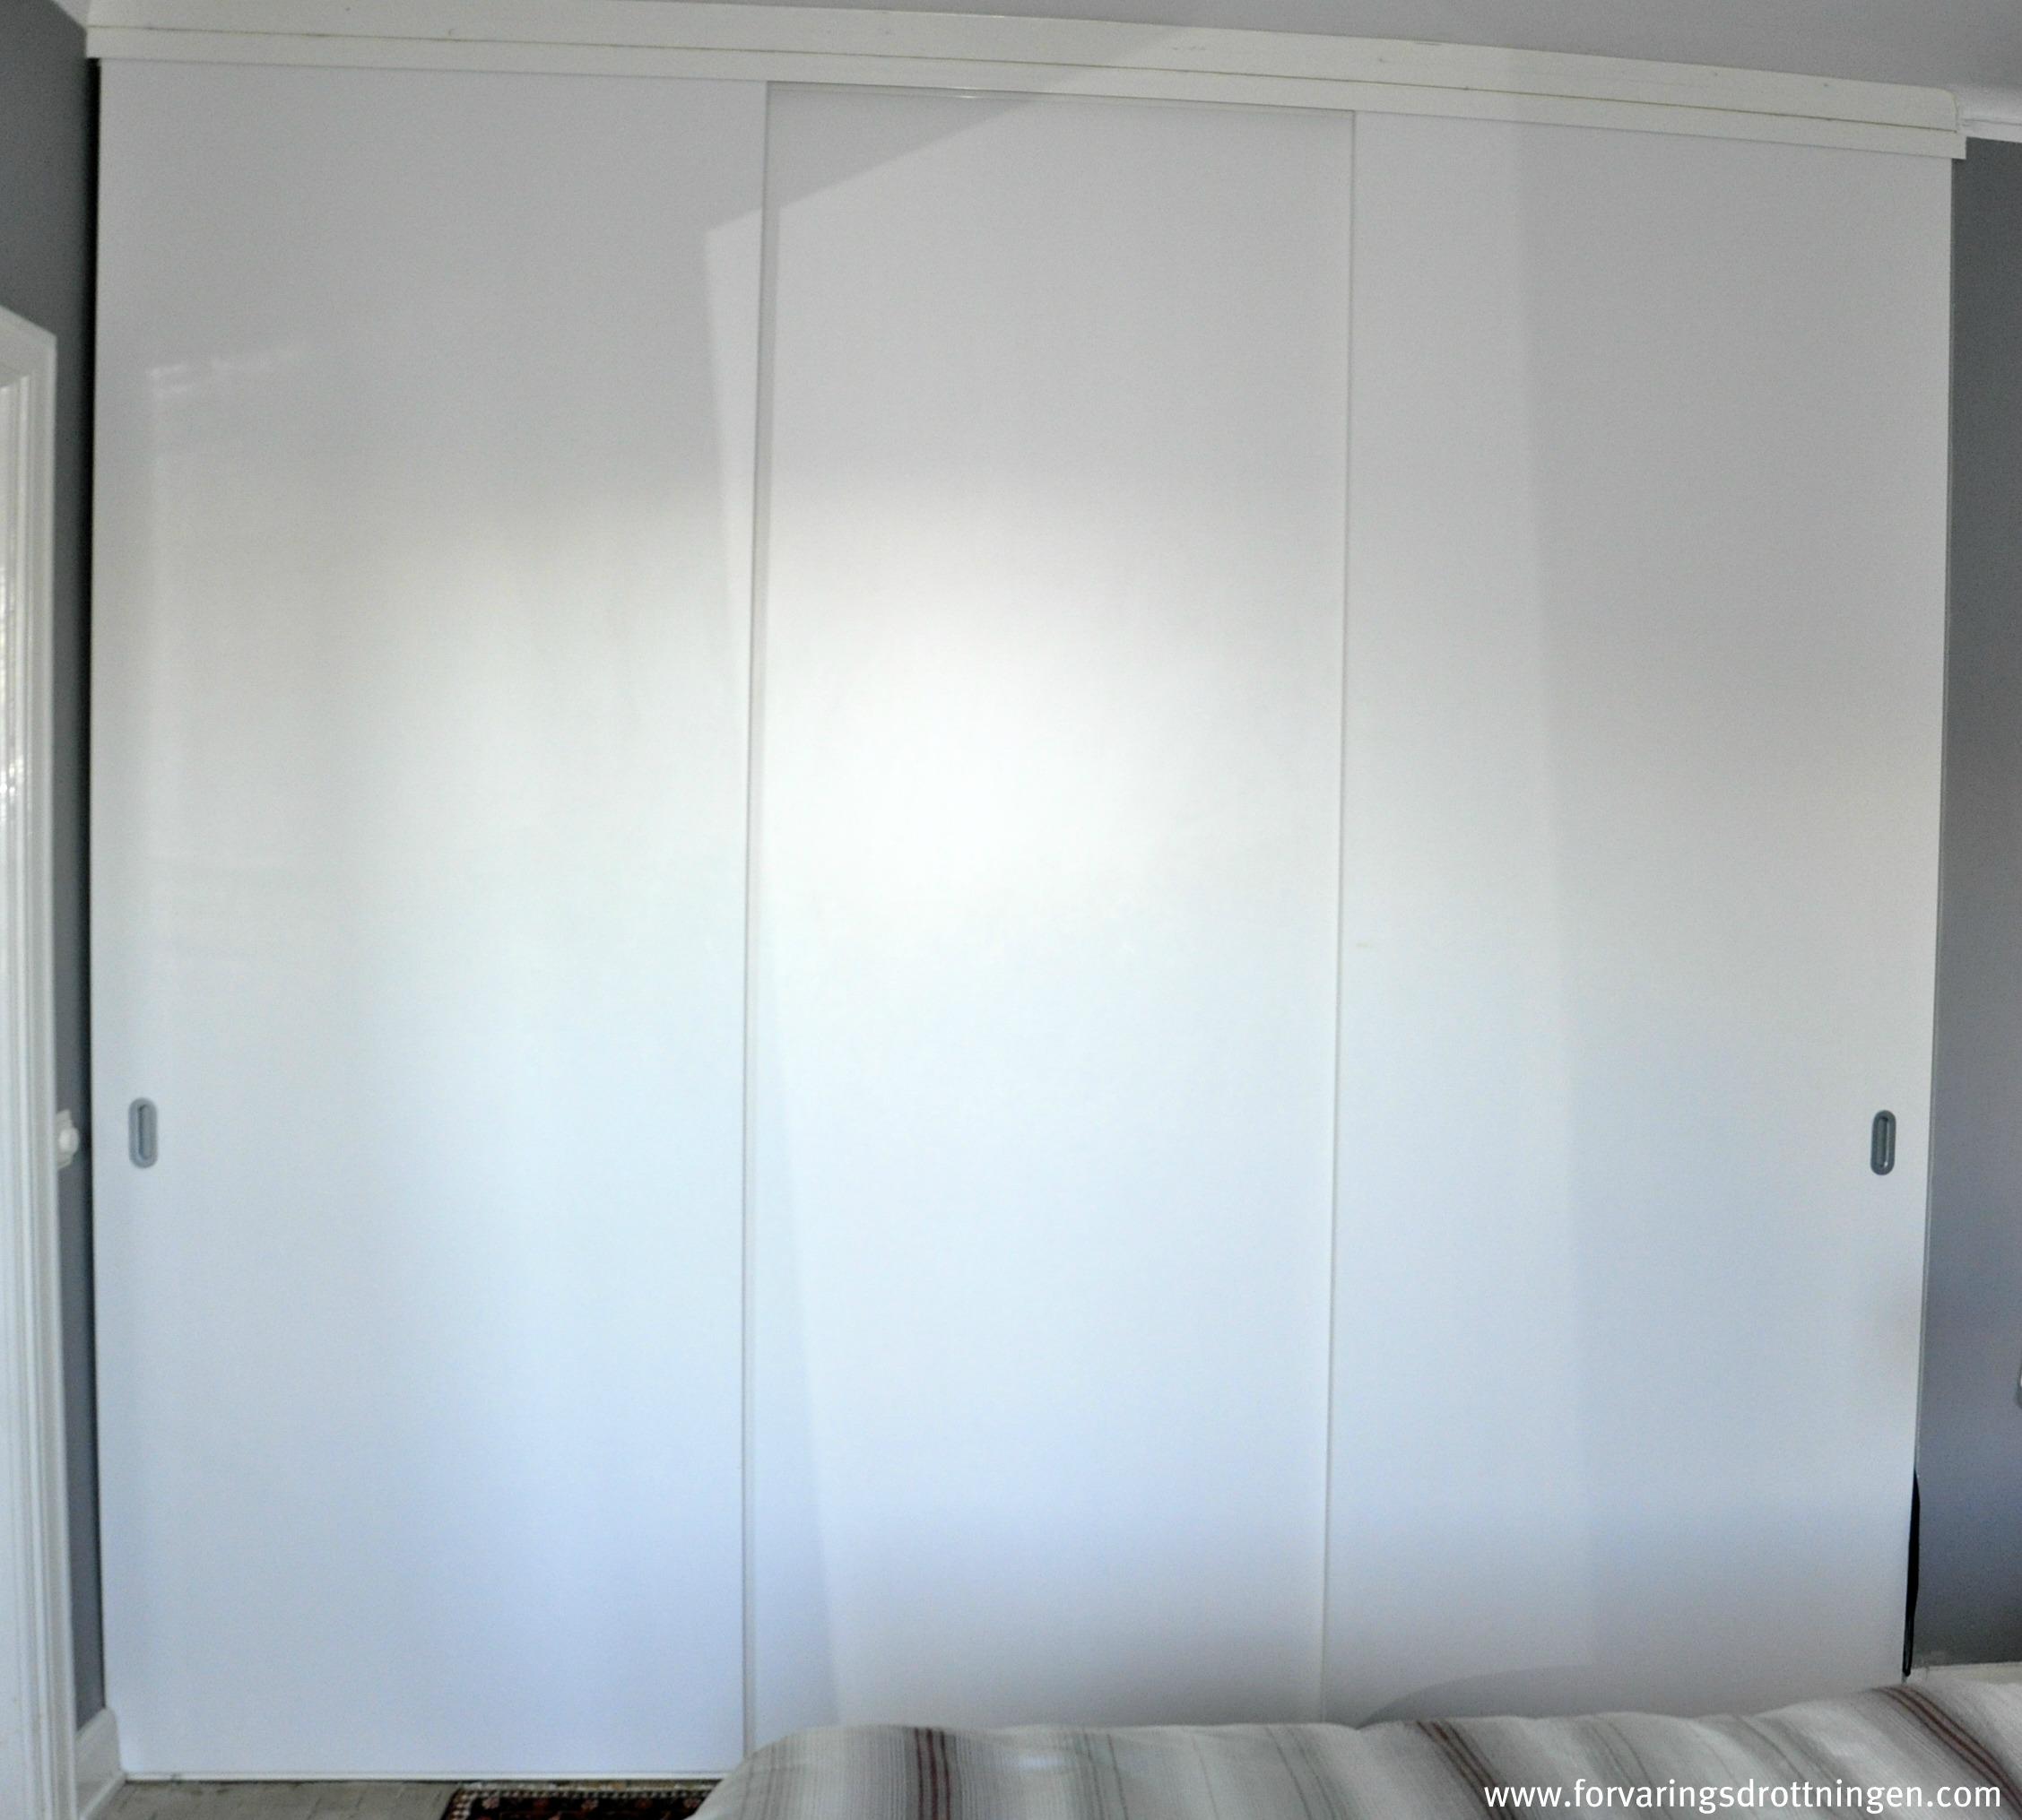 Att platsbygga en garderob Förvaringsdrottningen